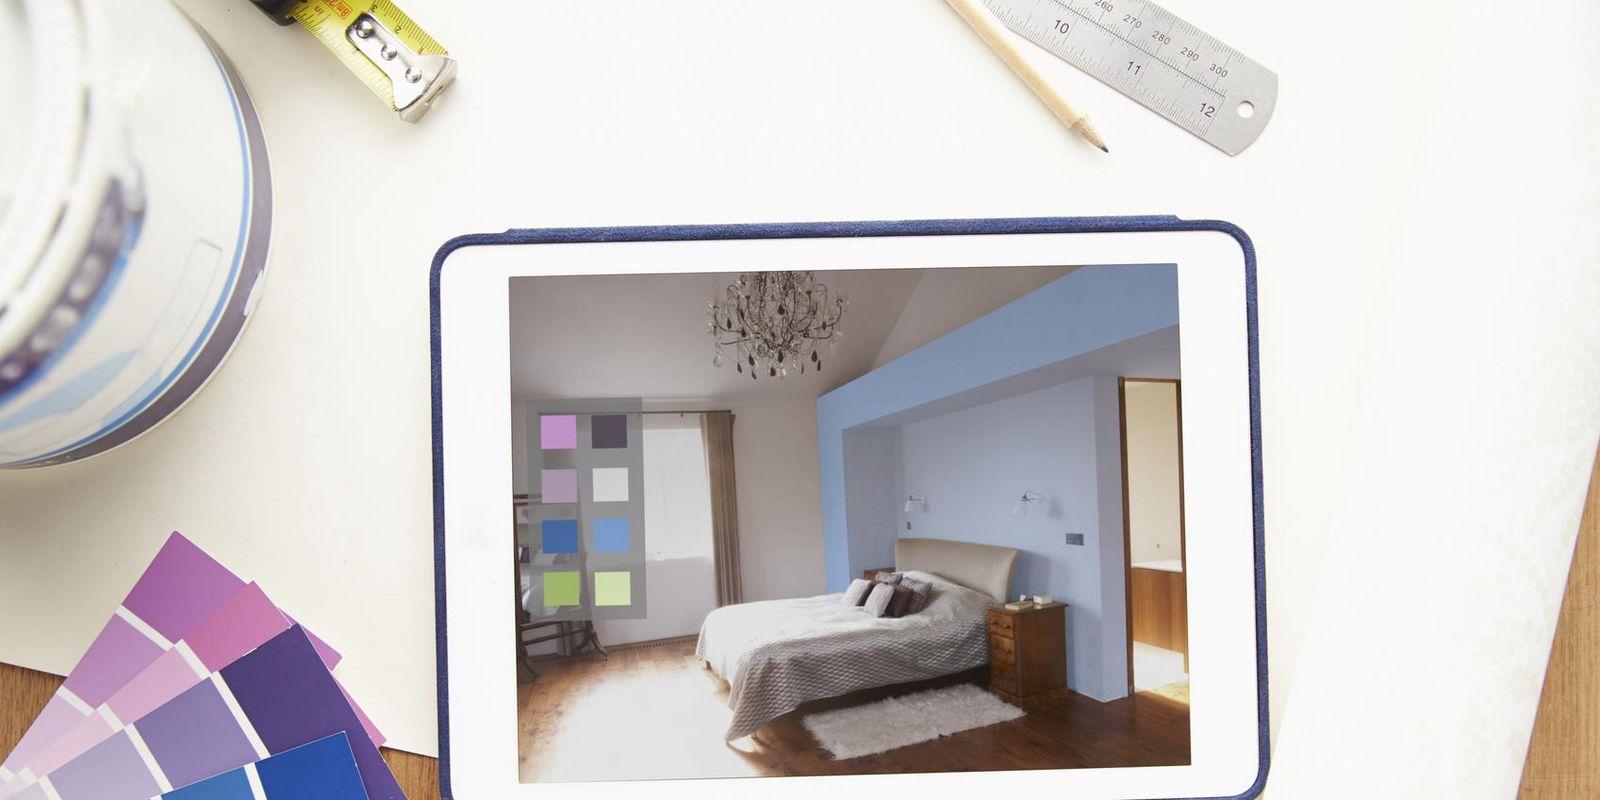 mit apps schöner wohnen - die virtuellen einrichtungshelfer